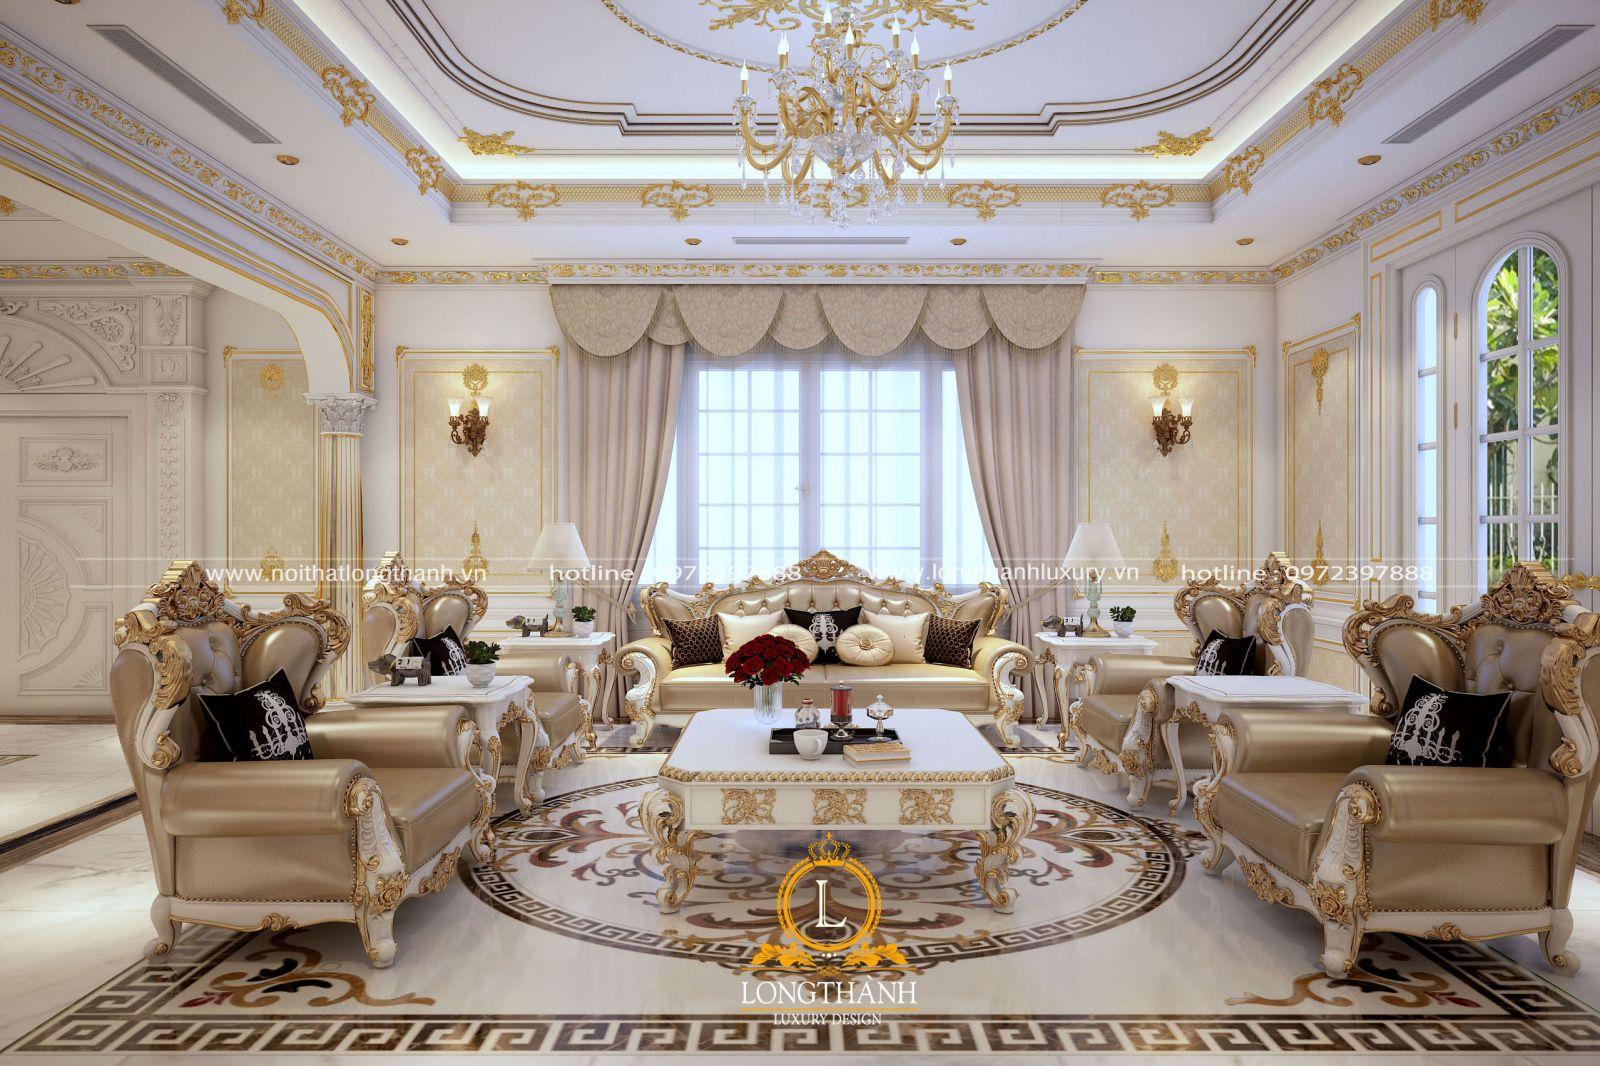 Mẫu sofa trằng thiết kế cầu kỳ trong phòng khách biệt thự rộng